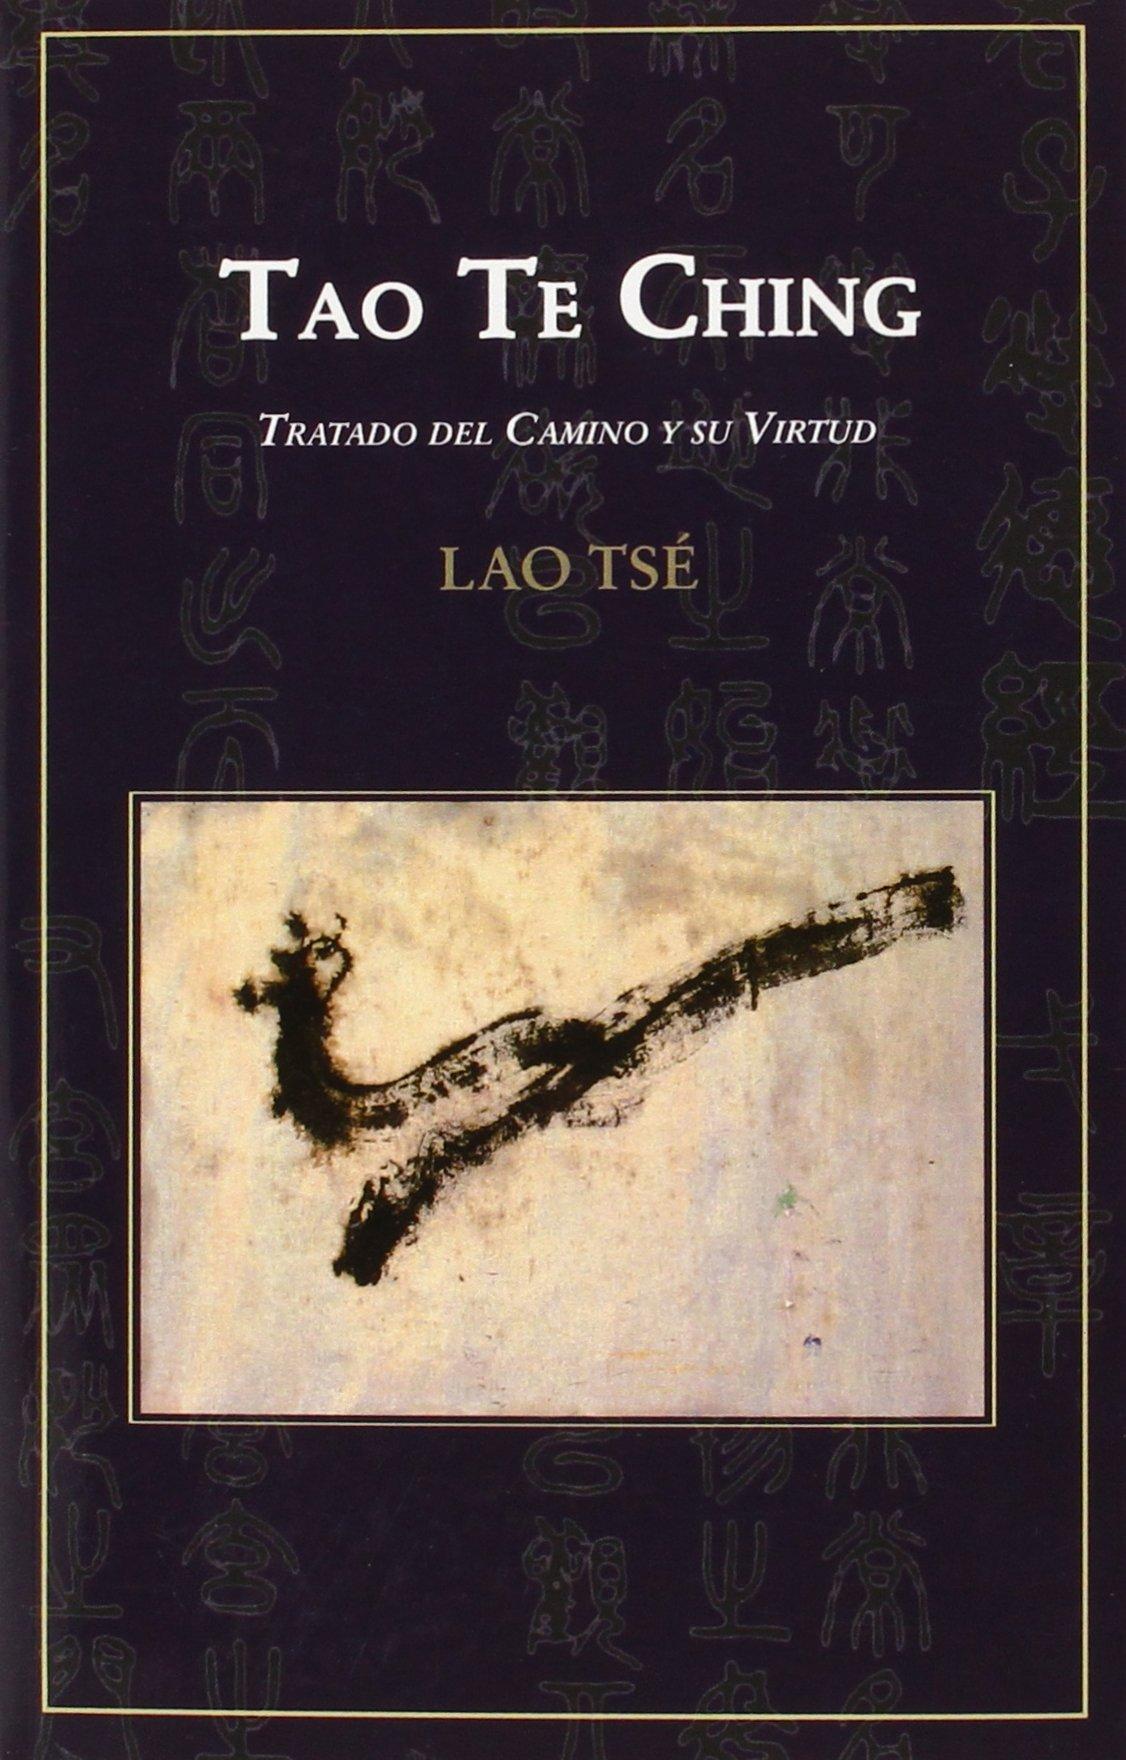 Tao Te Ching: tratado del camino y su virtud